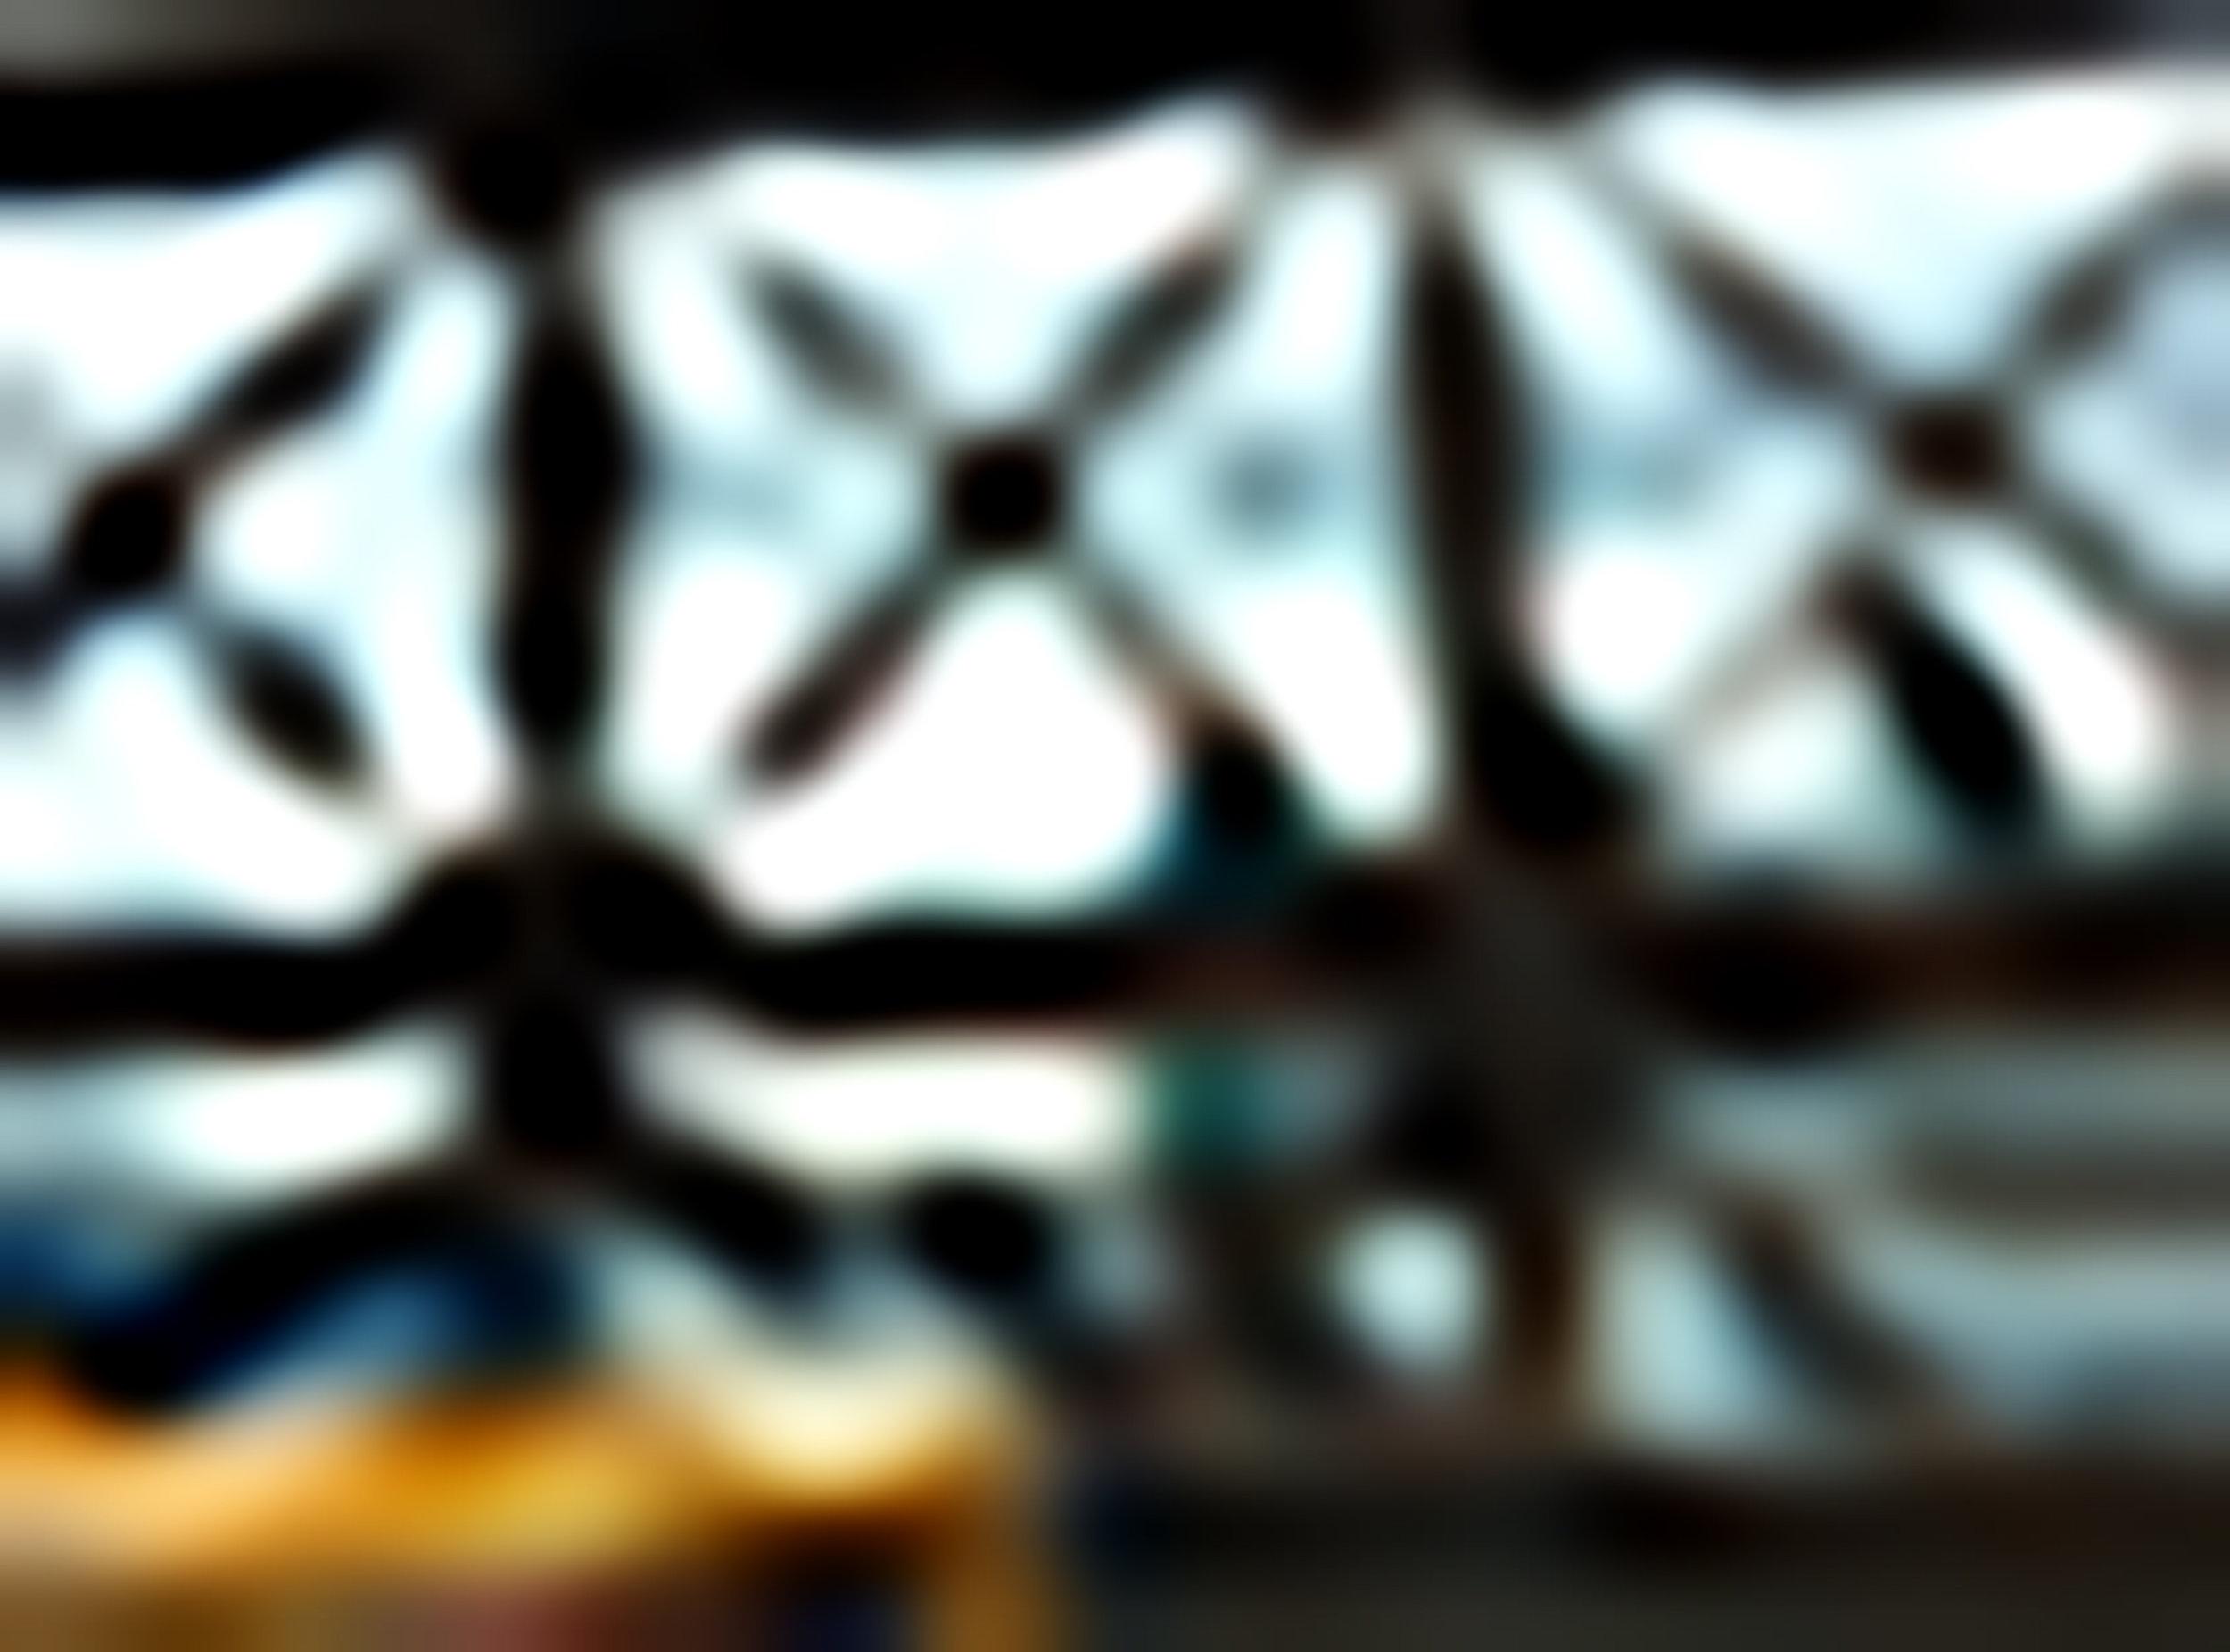 BrooklynBridge-1a.jpg